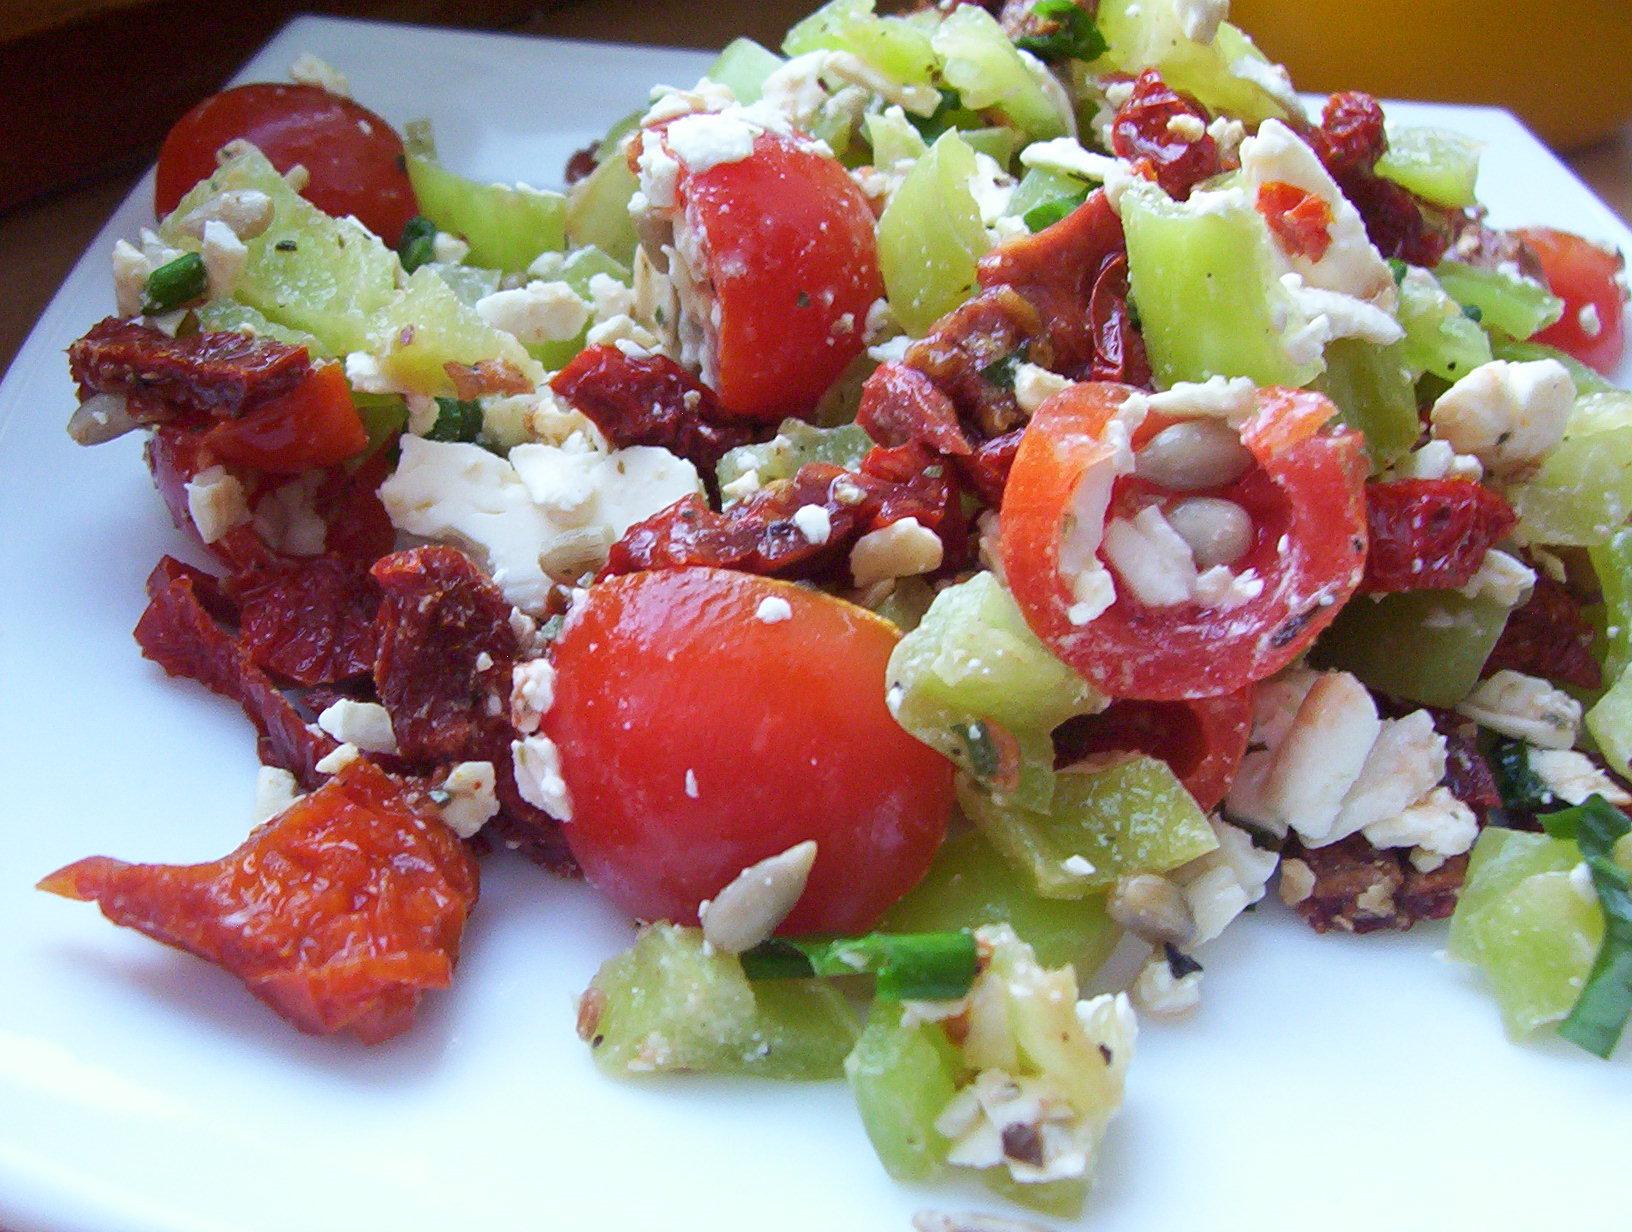 Fotografie receptu: Zeleninový salát se sušenými rajčaty